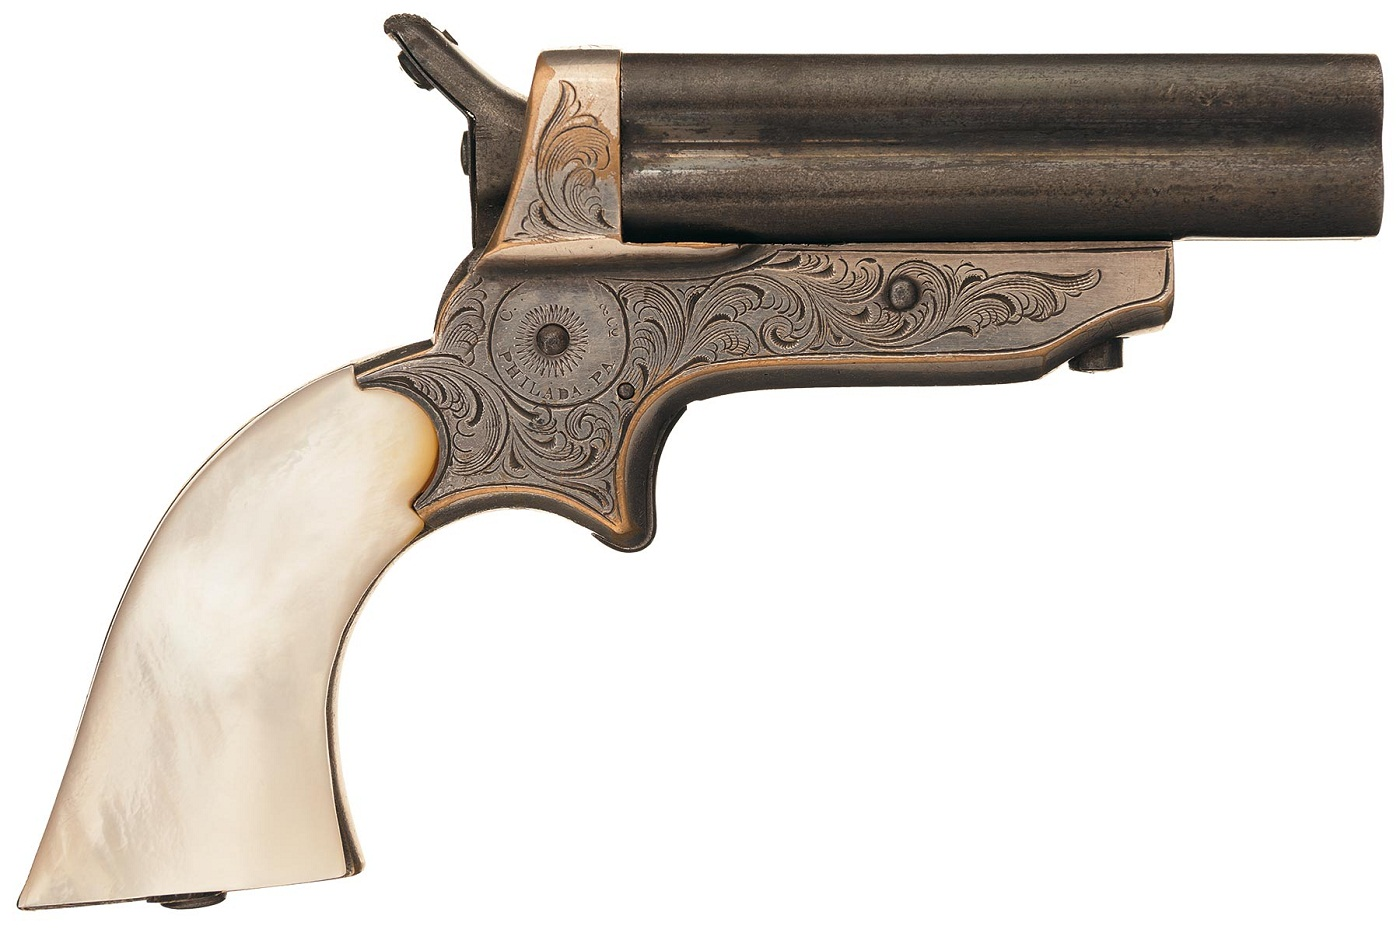 Четырехствольный пистолет Шарпс модели 2B